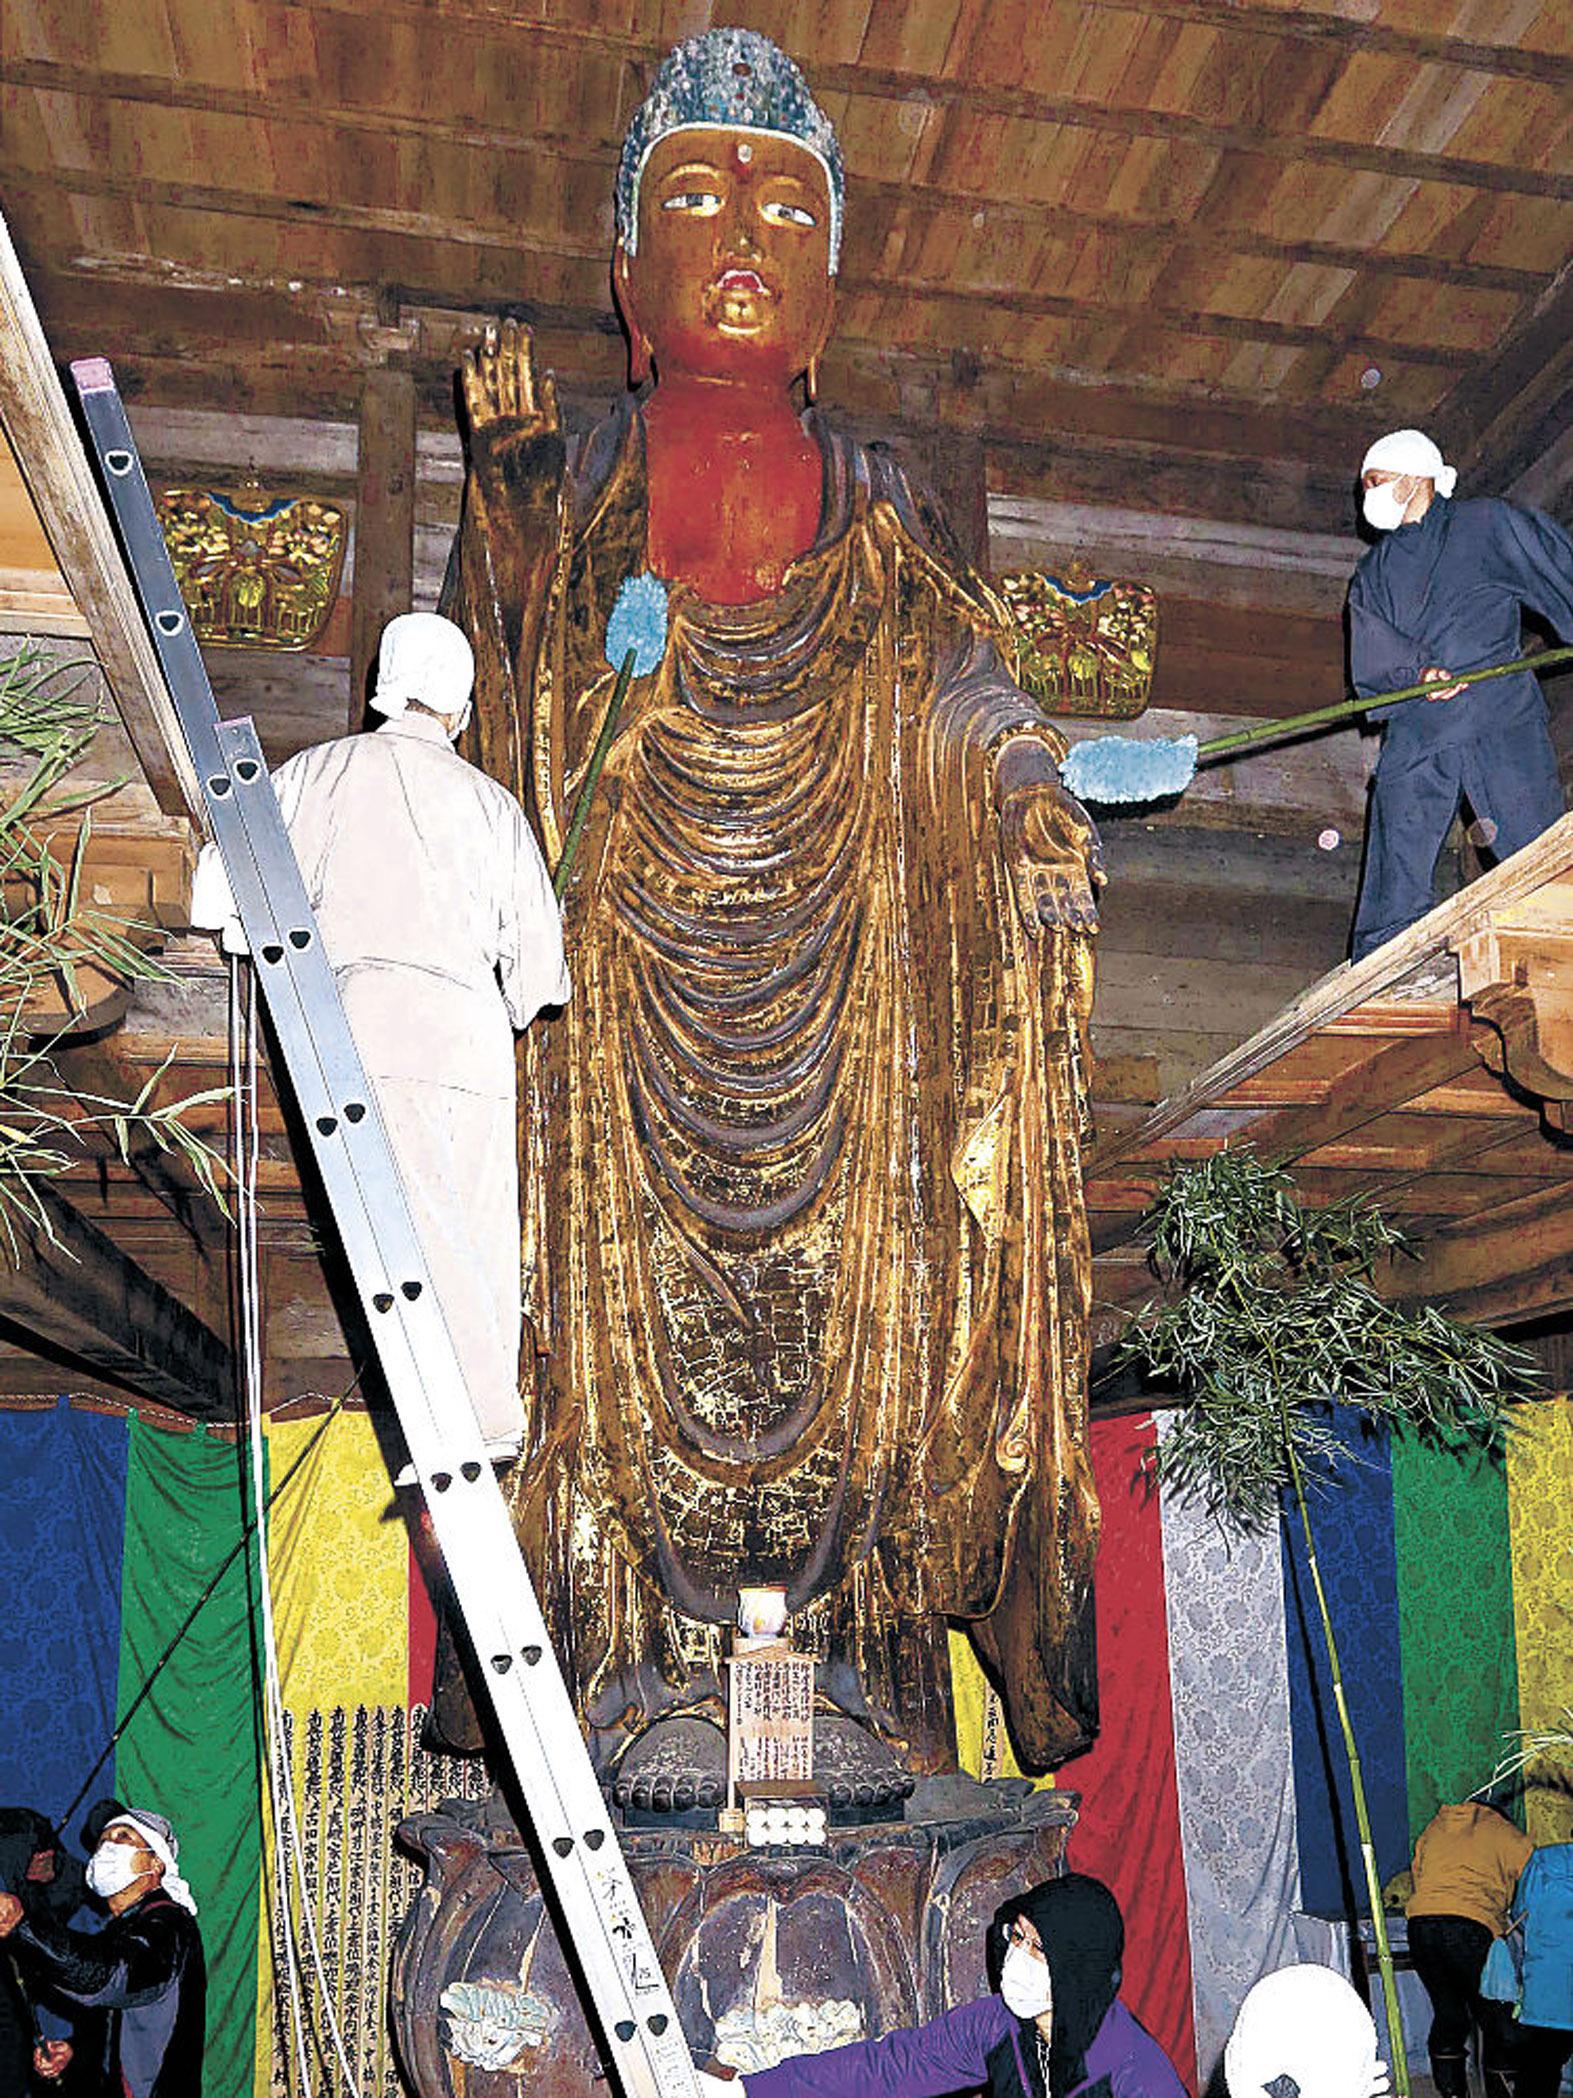 仏像にたまったほこりを払い落とす僧侶や檀信徒=15日午前10時35分、羽咋市滝谷町の妙成寺